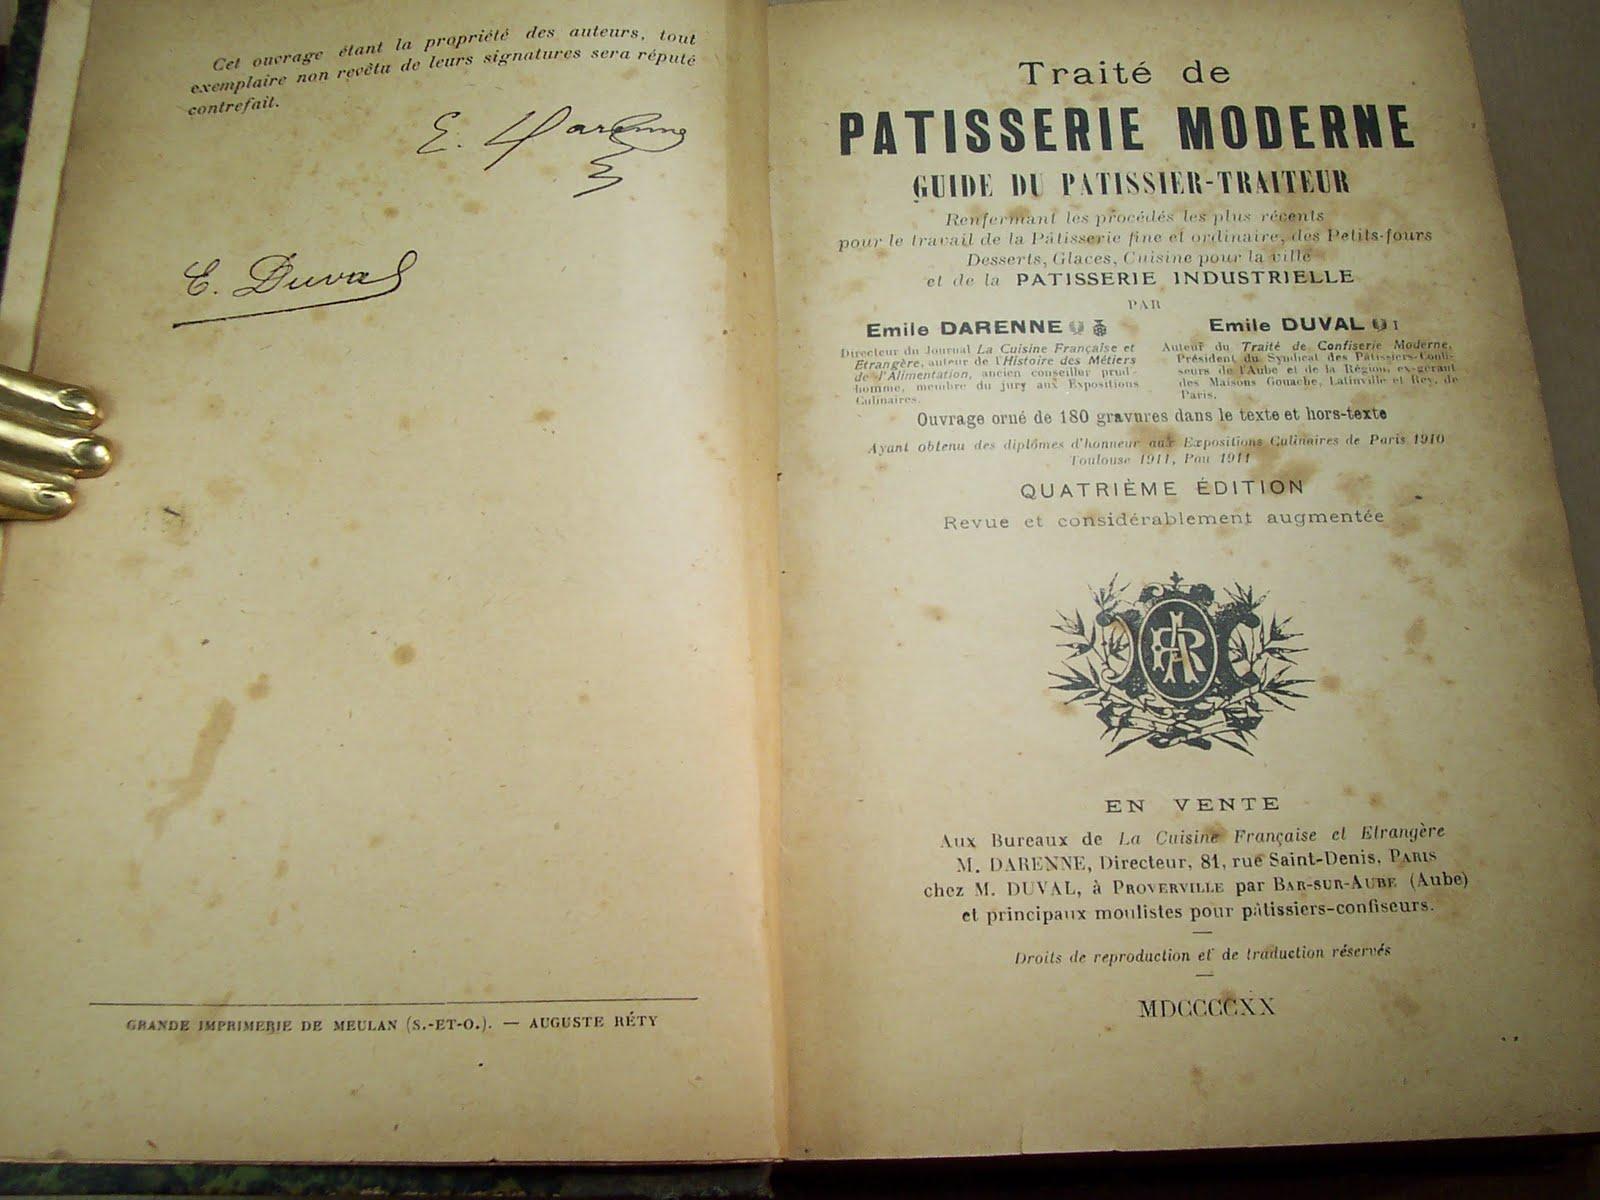 librairie ancienne et autres trésors: traité de pâtisserie